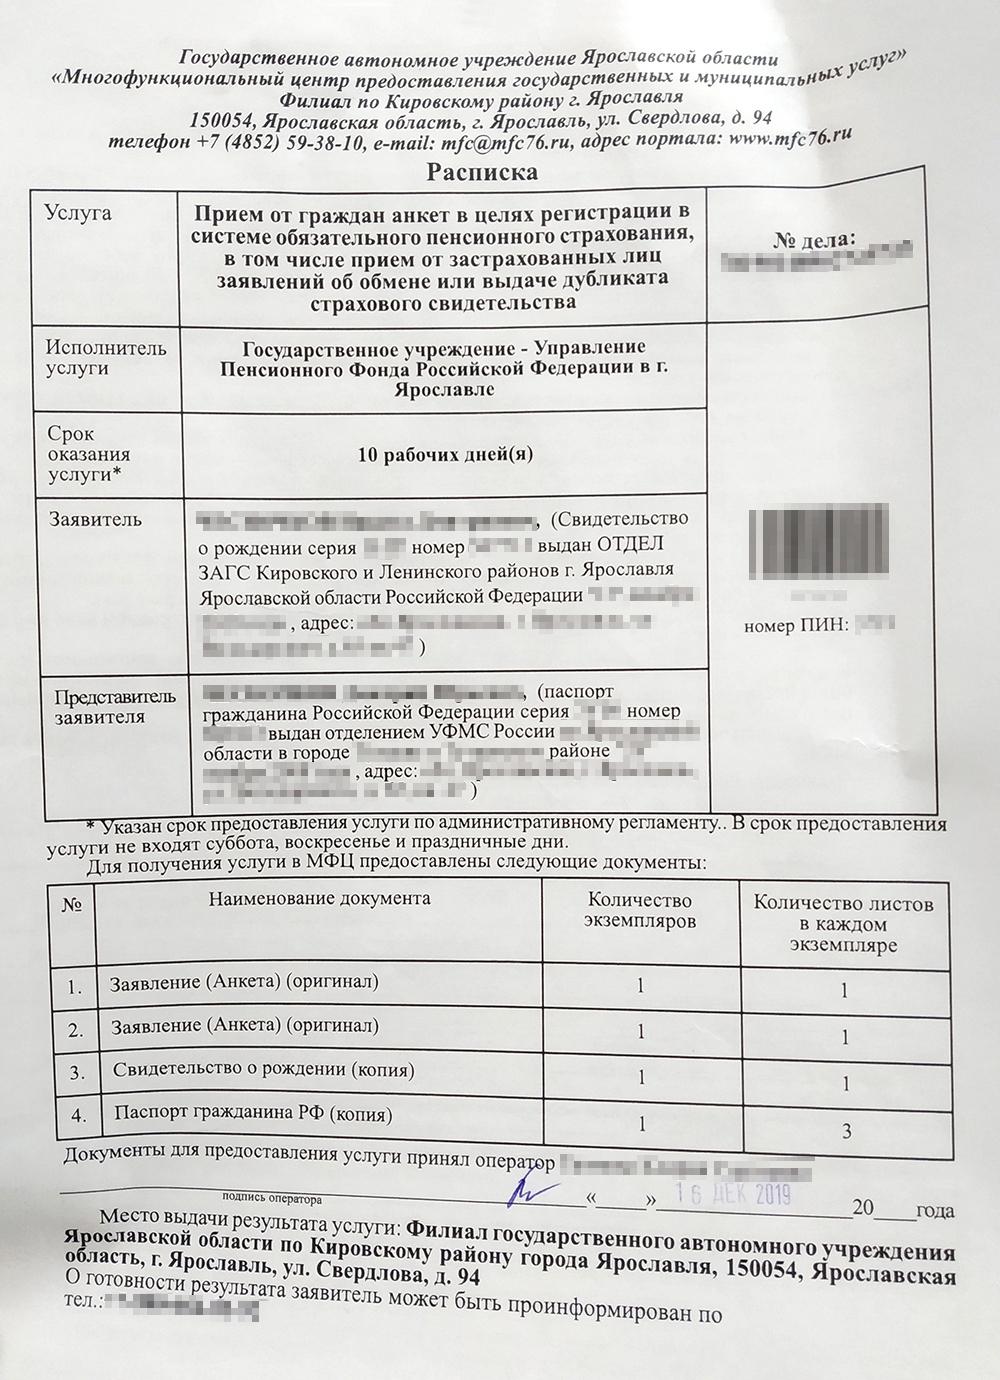 Расписка о том, что документы забрали в МФЦ